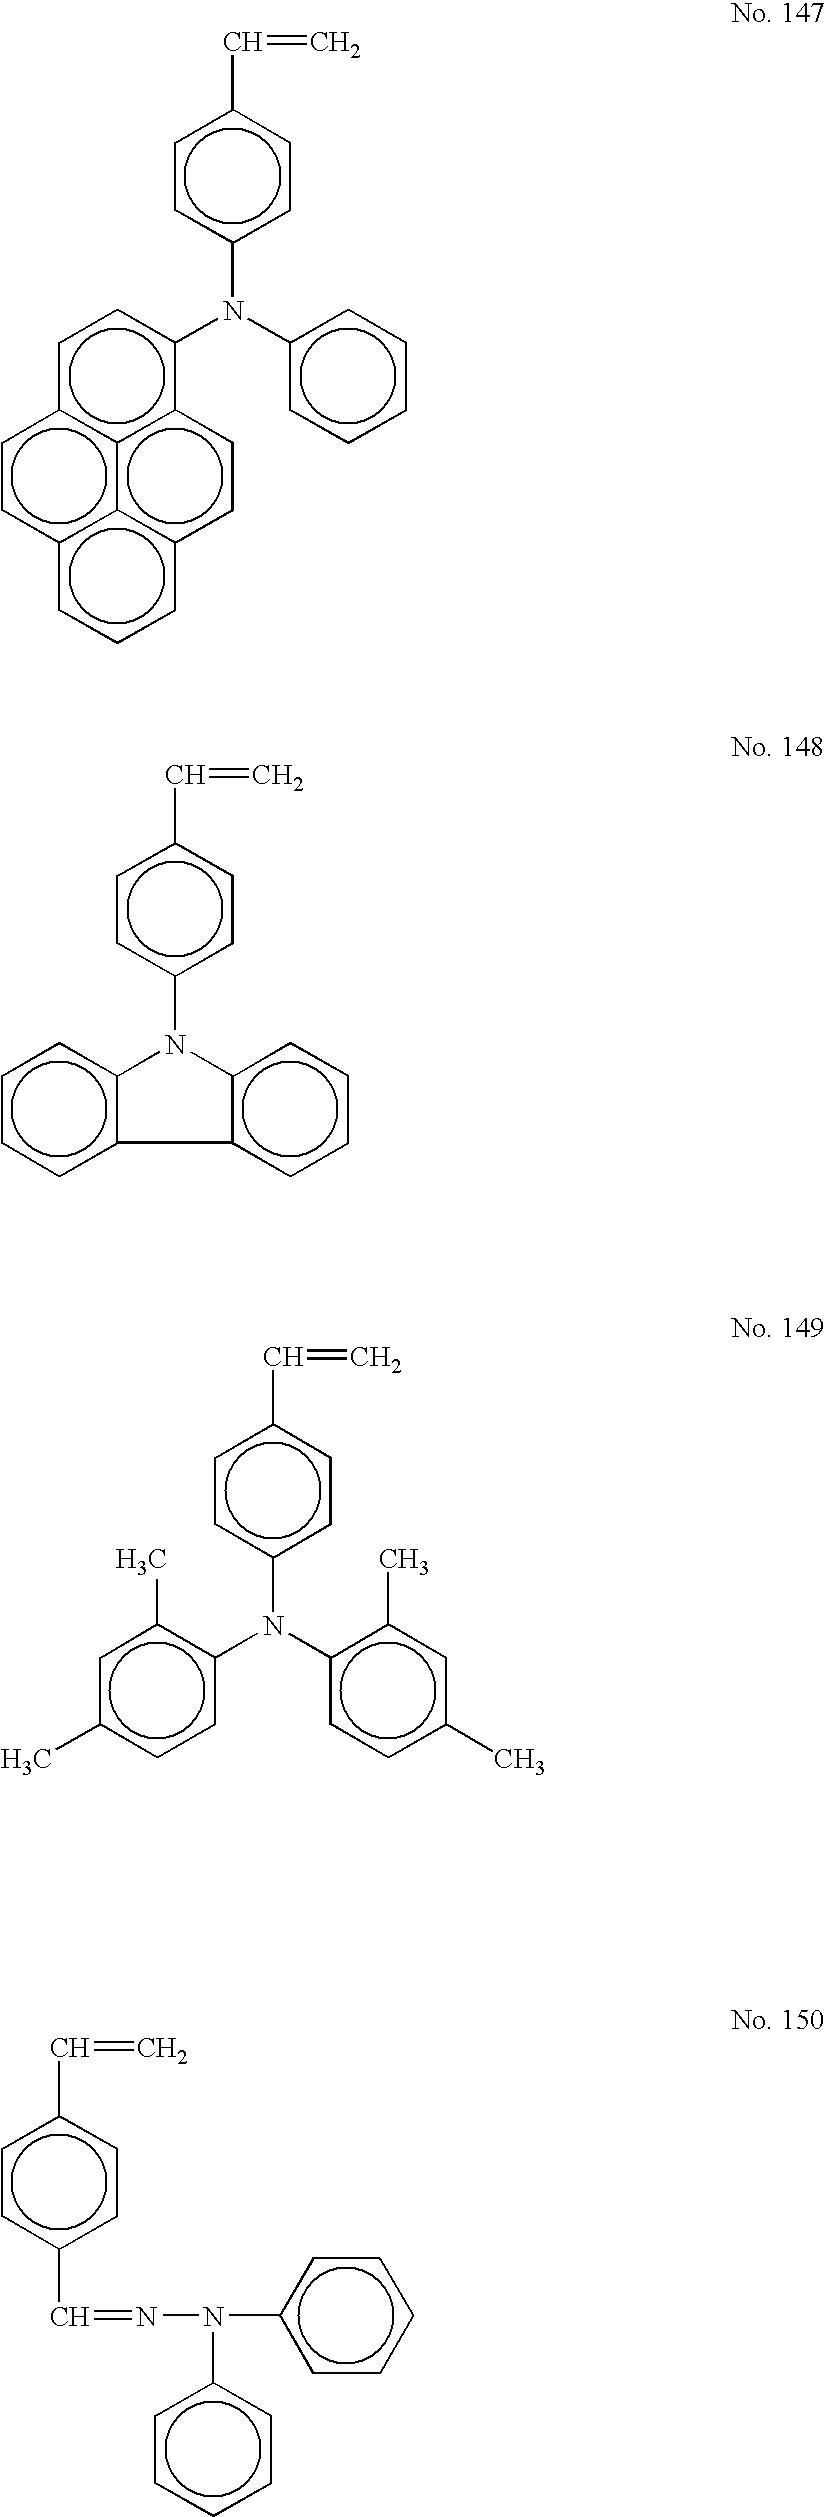 Figure US07175957-20070213-C00063